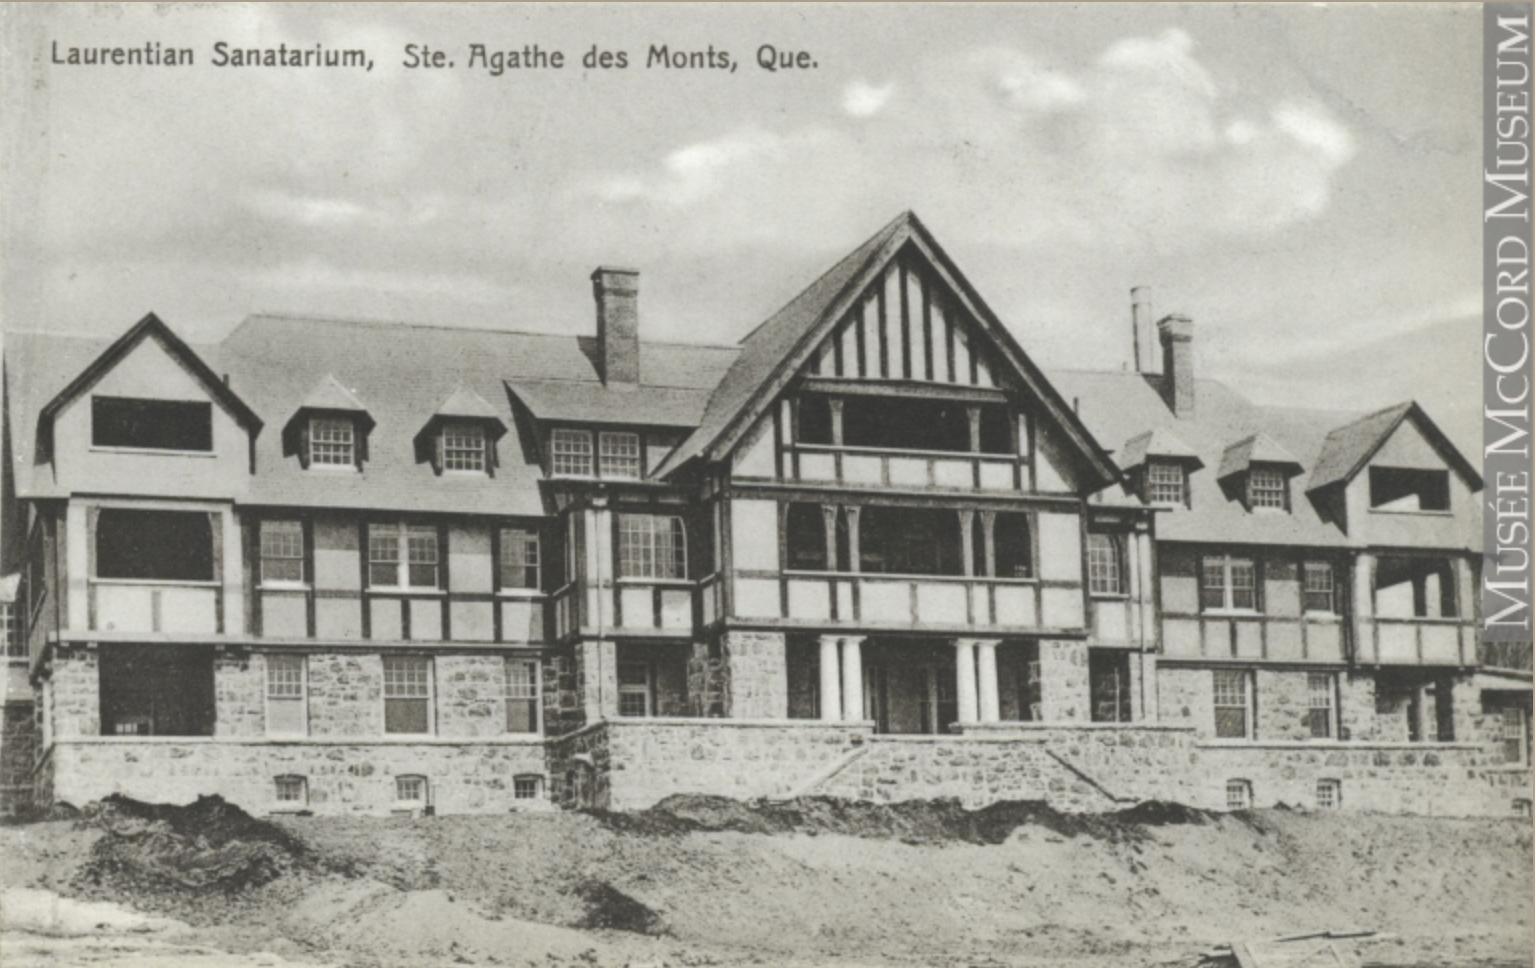 Carte postale ancienne illustrant le Sanatorium Laurentien vers 1915.